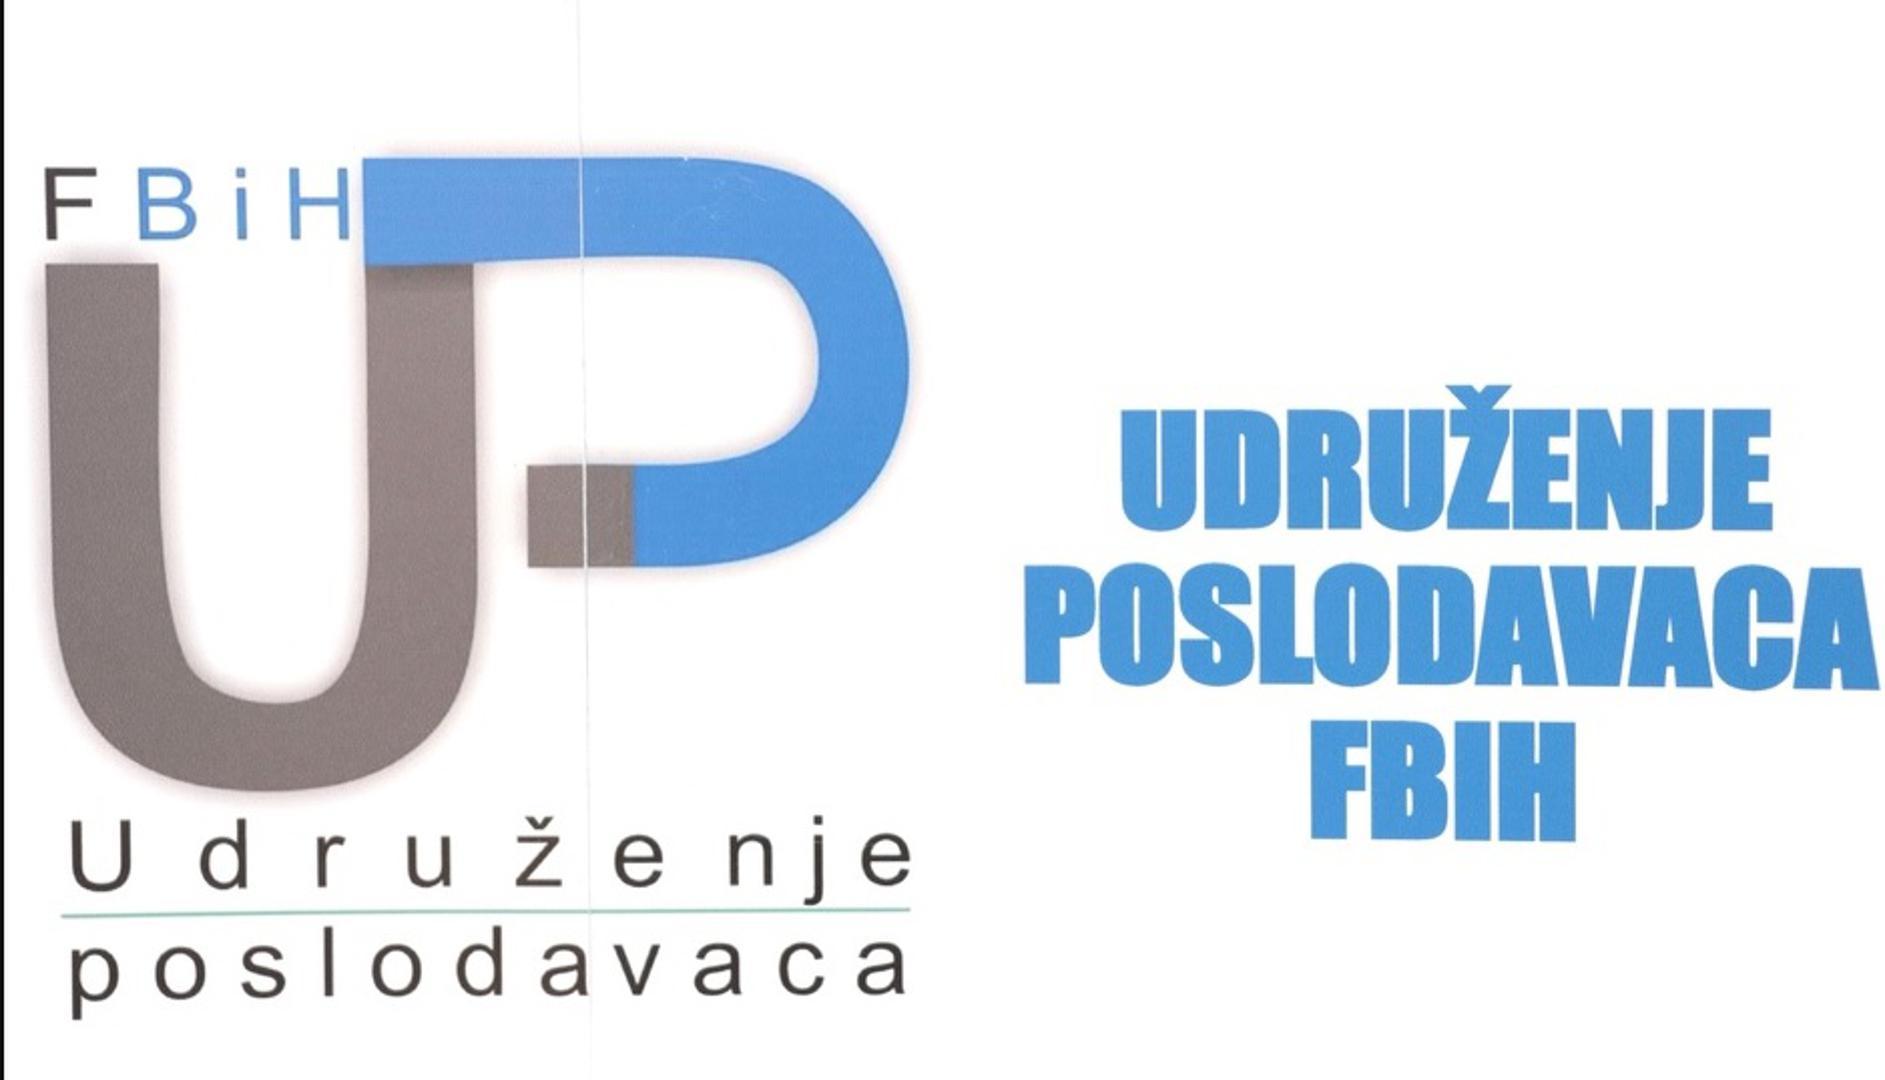 Inicijativa Udruženja poslodavaca: rasteretiti gospodarstvo i poboljšati poslovni ambijent u FBiH